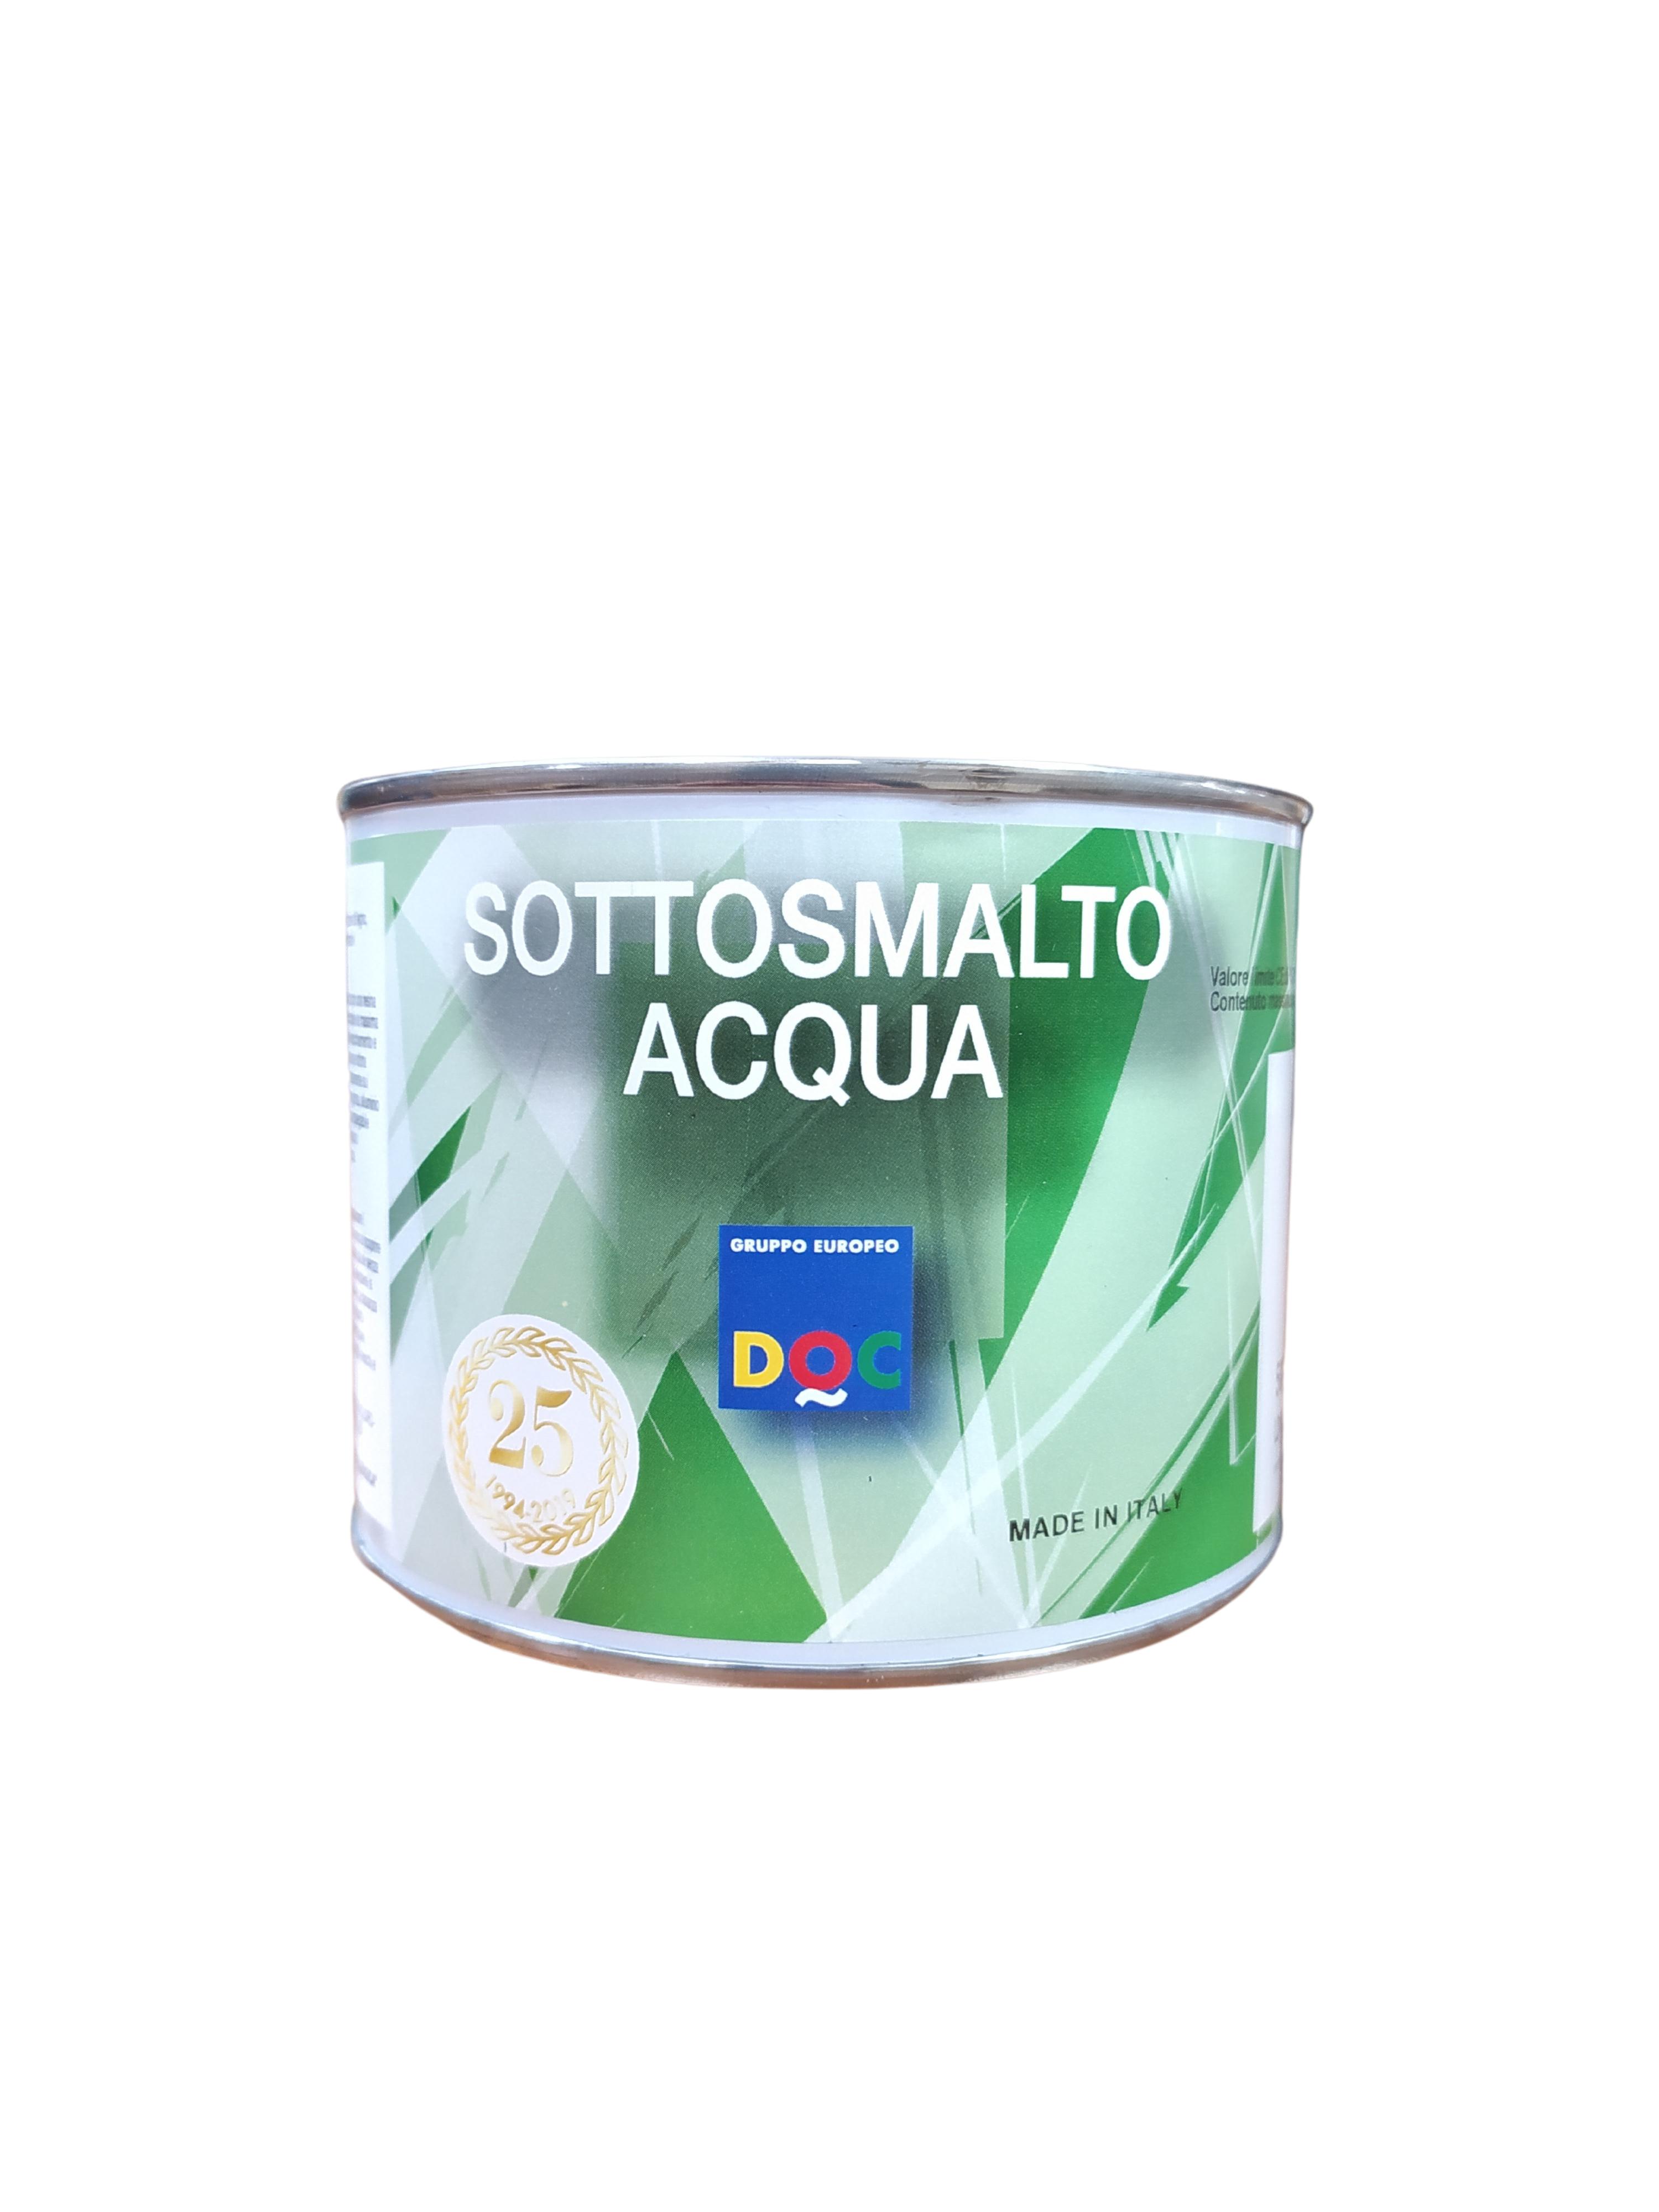 SOTTOSMALTO (CEMENTITE) ACQUA DOC